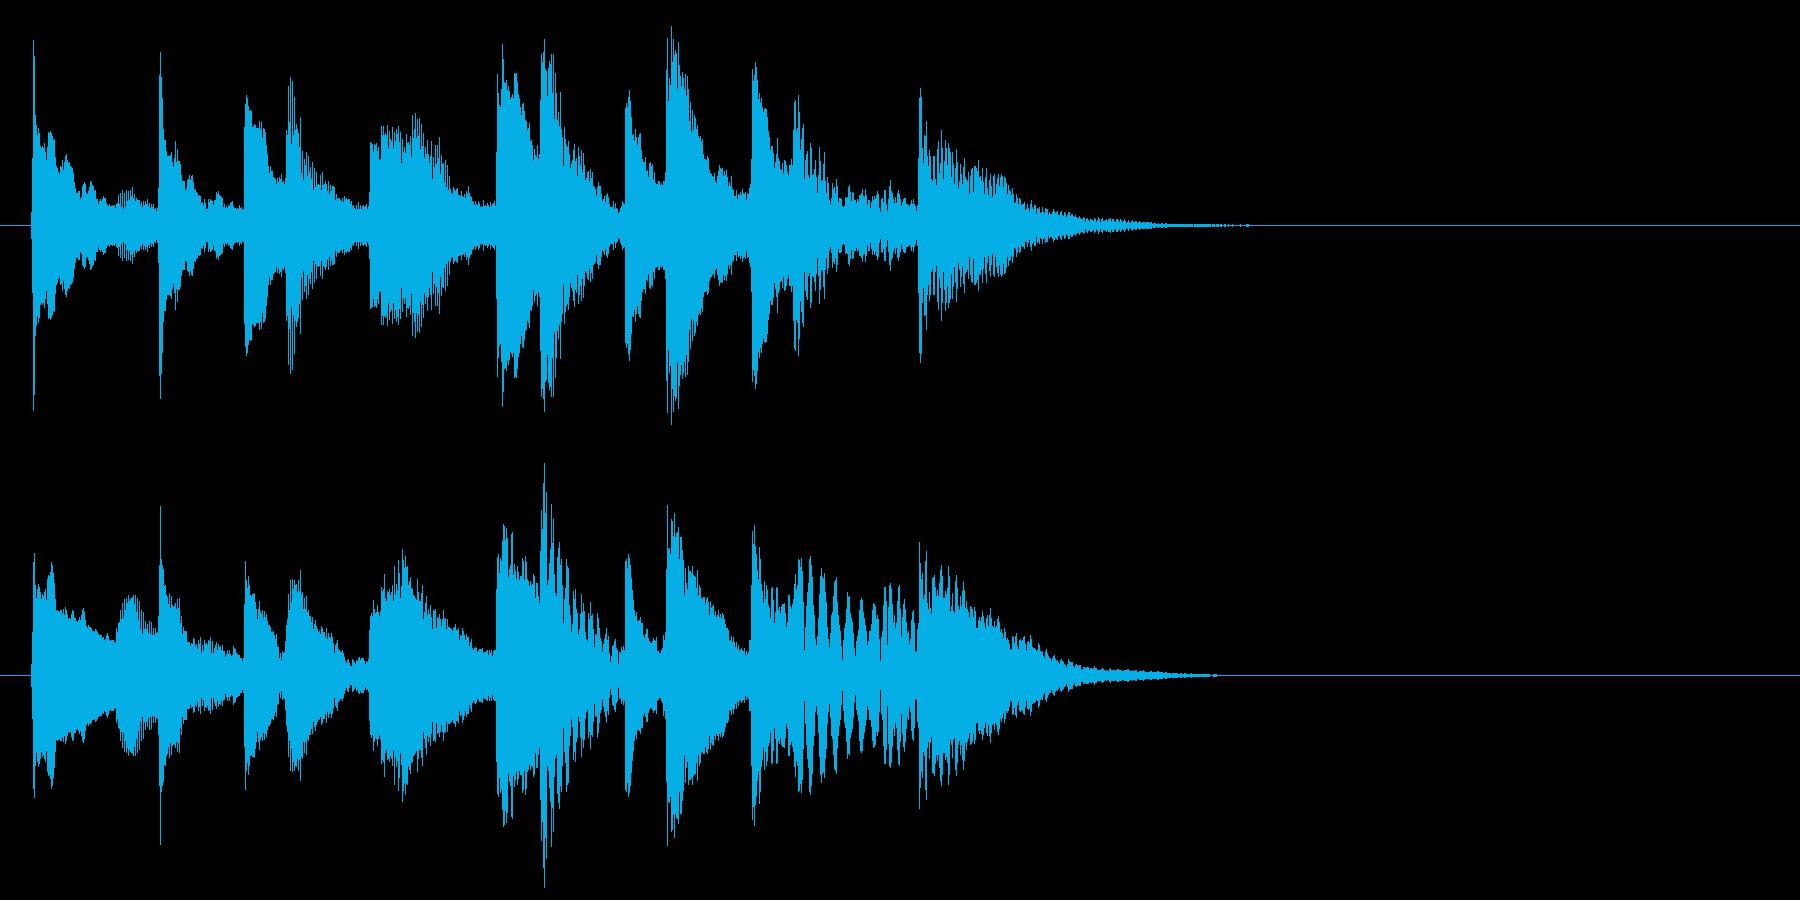 ほのぼの可愛い木琴マリンバ三重奏ジングルの再生済みの波形